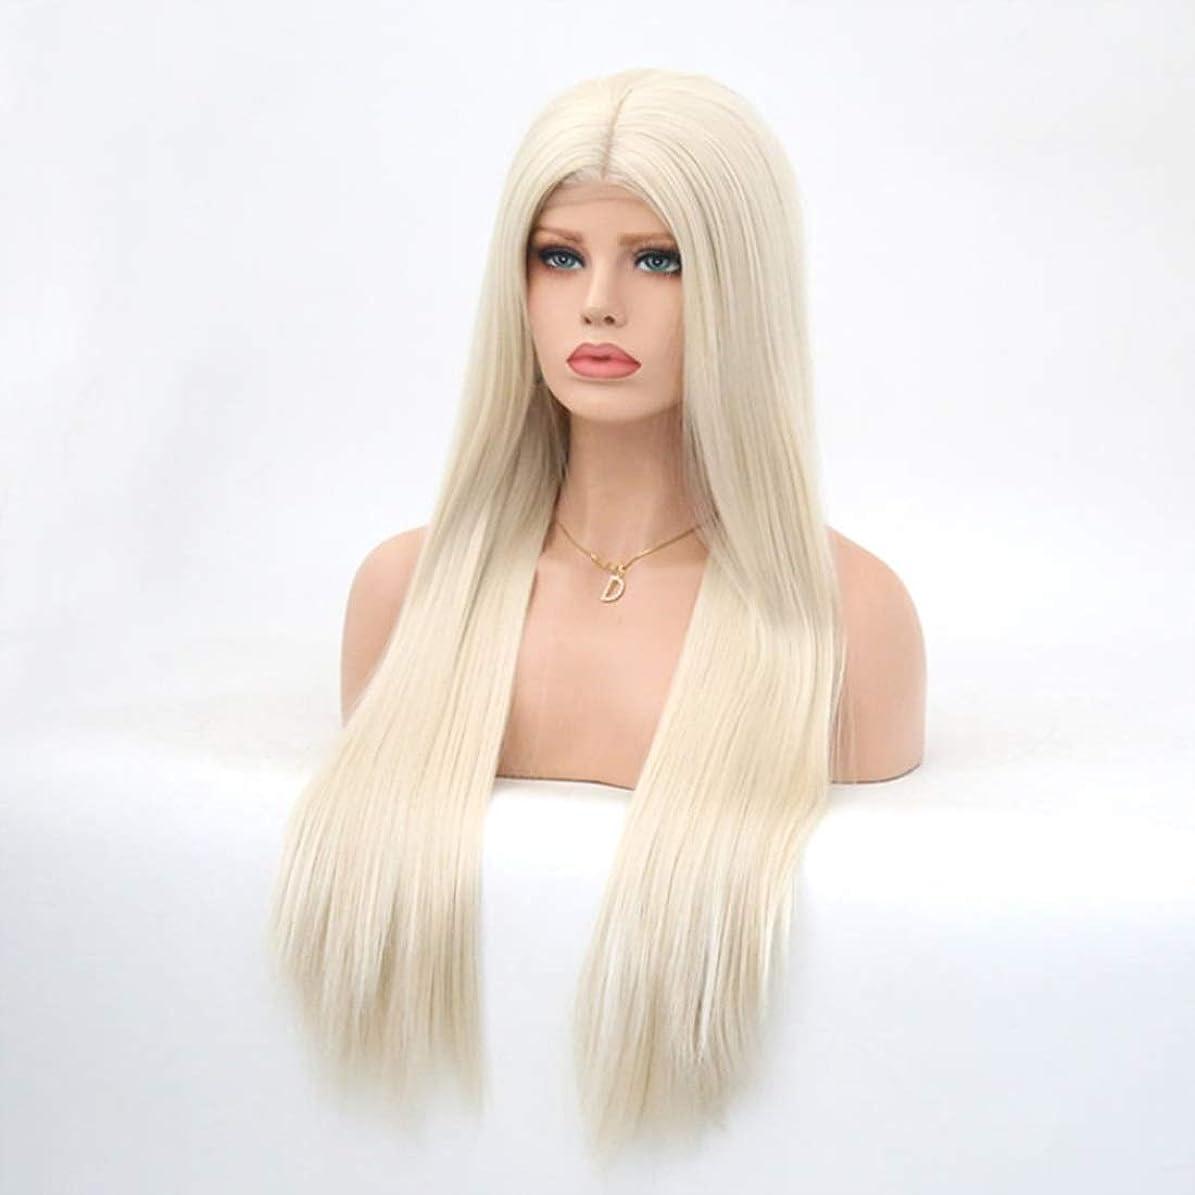 警戒蚊知覚できるKoloeplf レディースシルクロングストレートブラックウィッグ耐熱合成かつら前髪付きウィッグ女性用ウィッグ